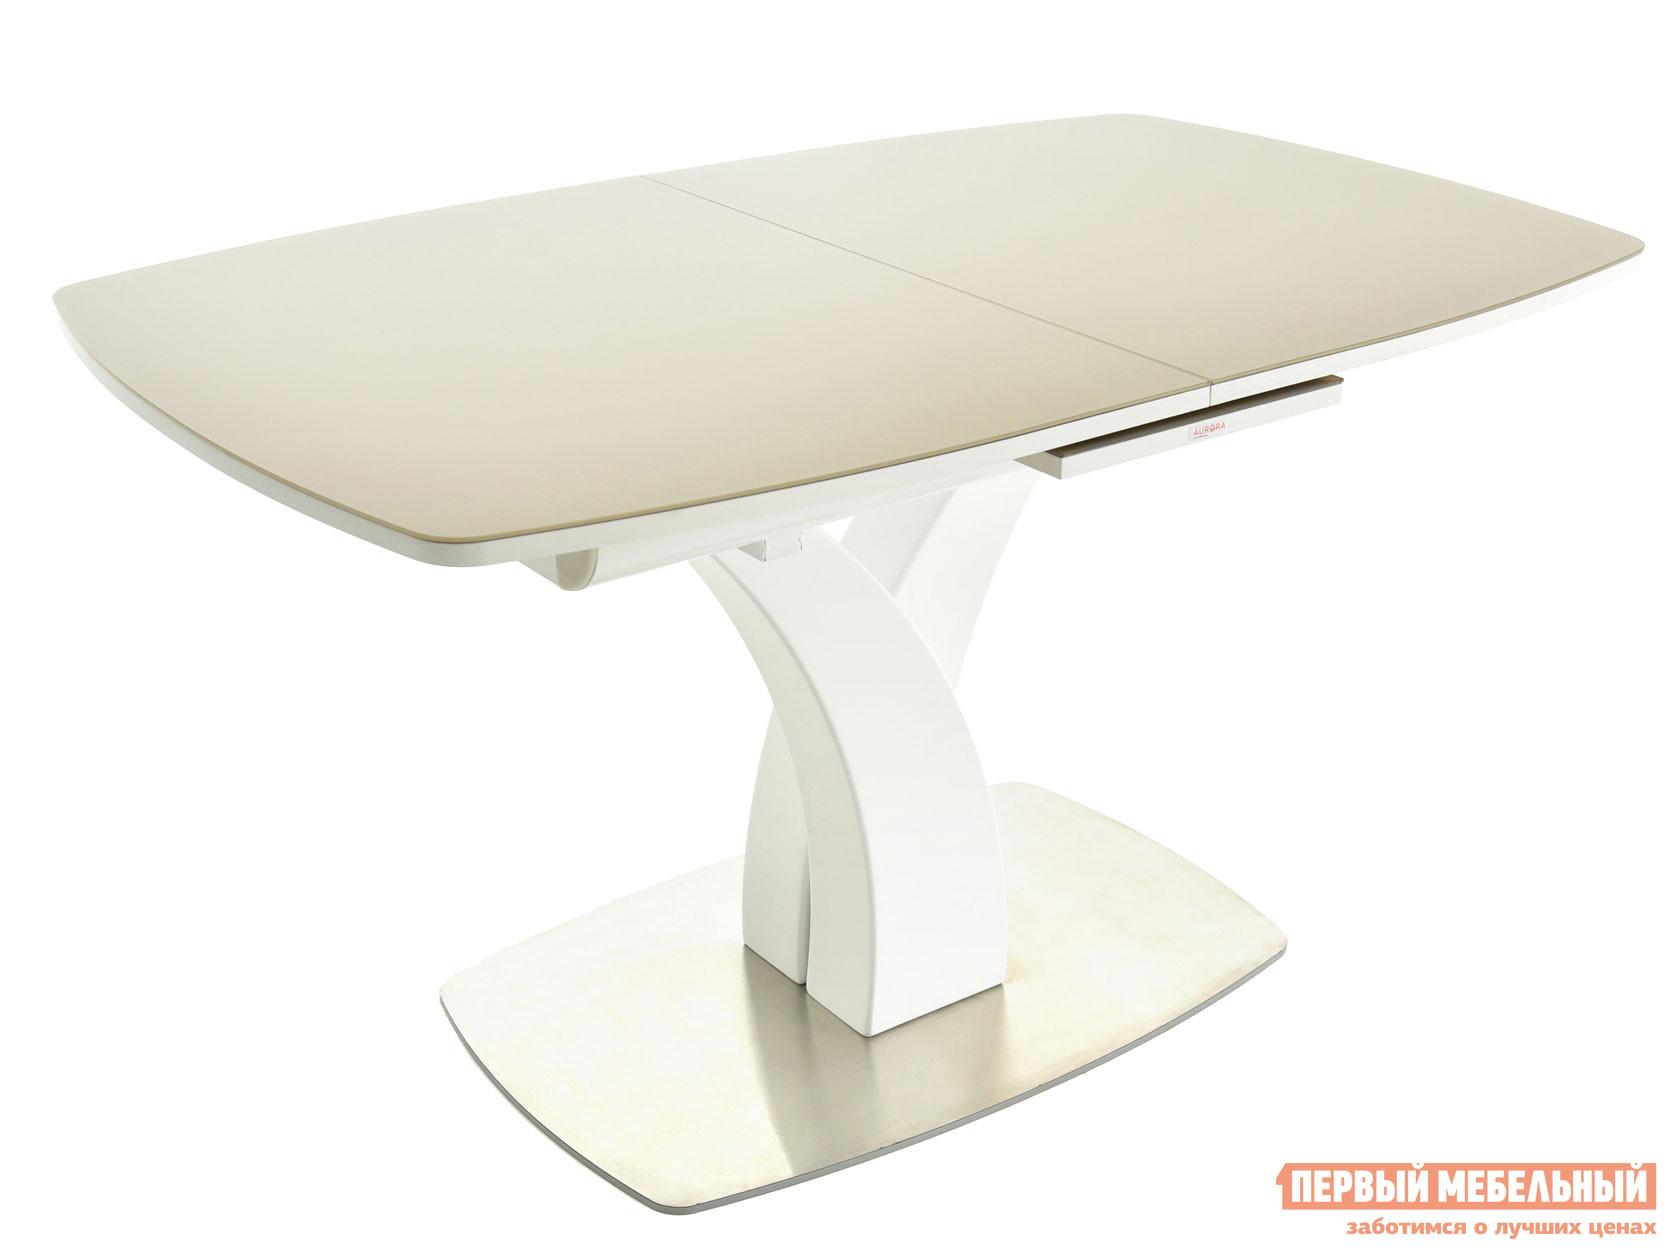 Кухонный стол Первый Мебельный Стол раздвижной Нотр-Дам